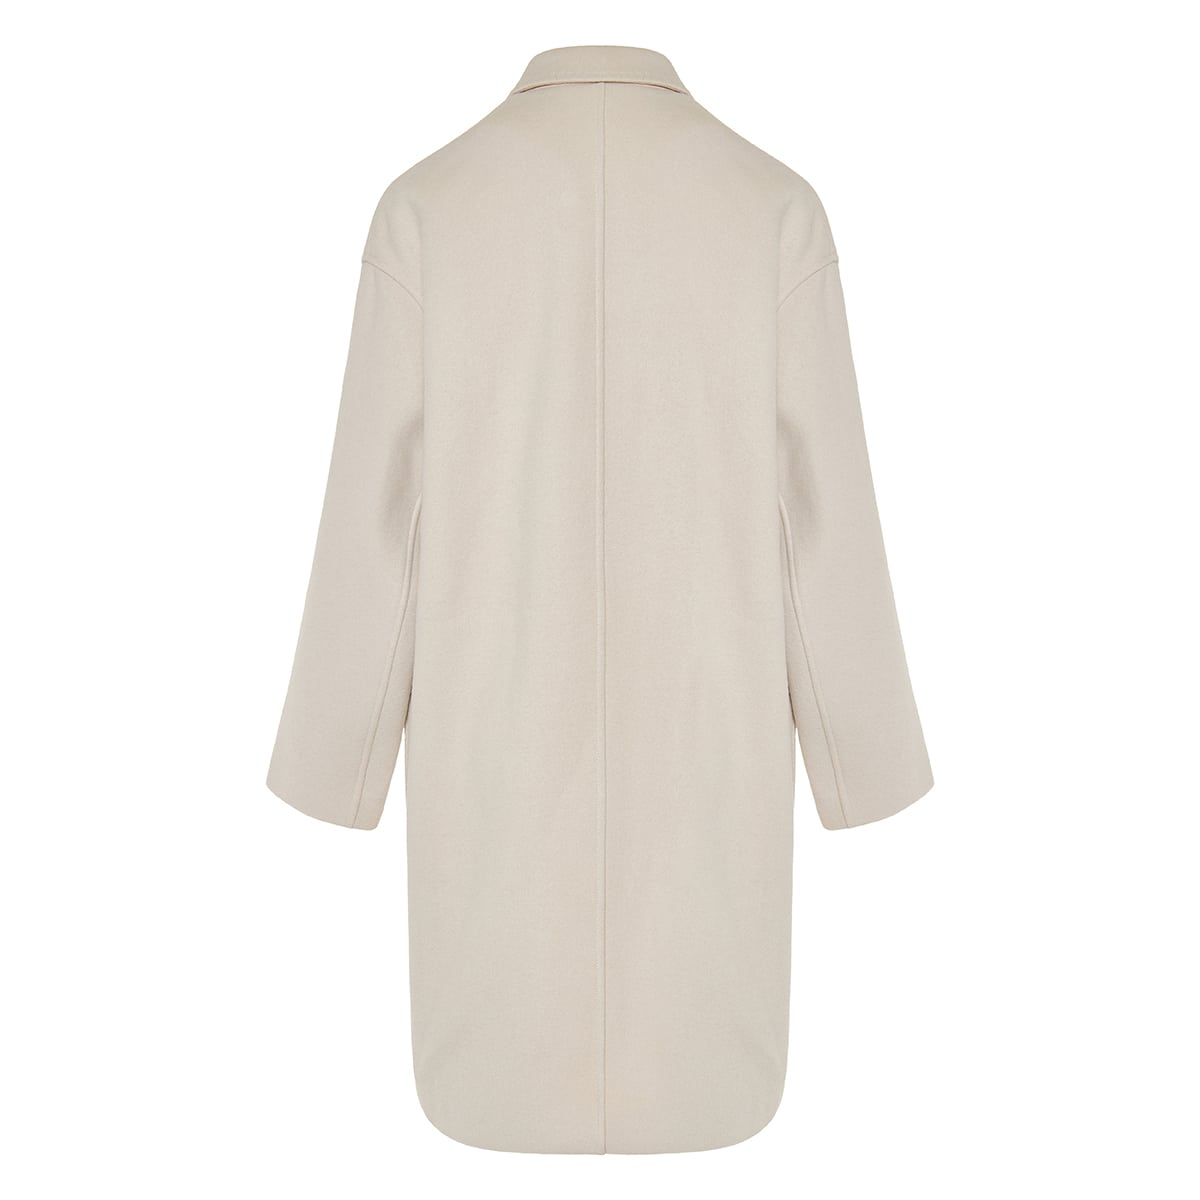 Efegozi double-breasted coat